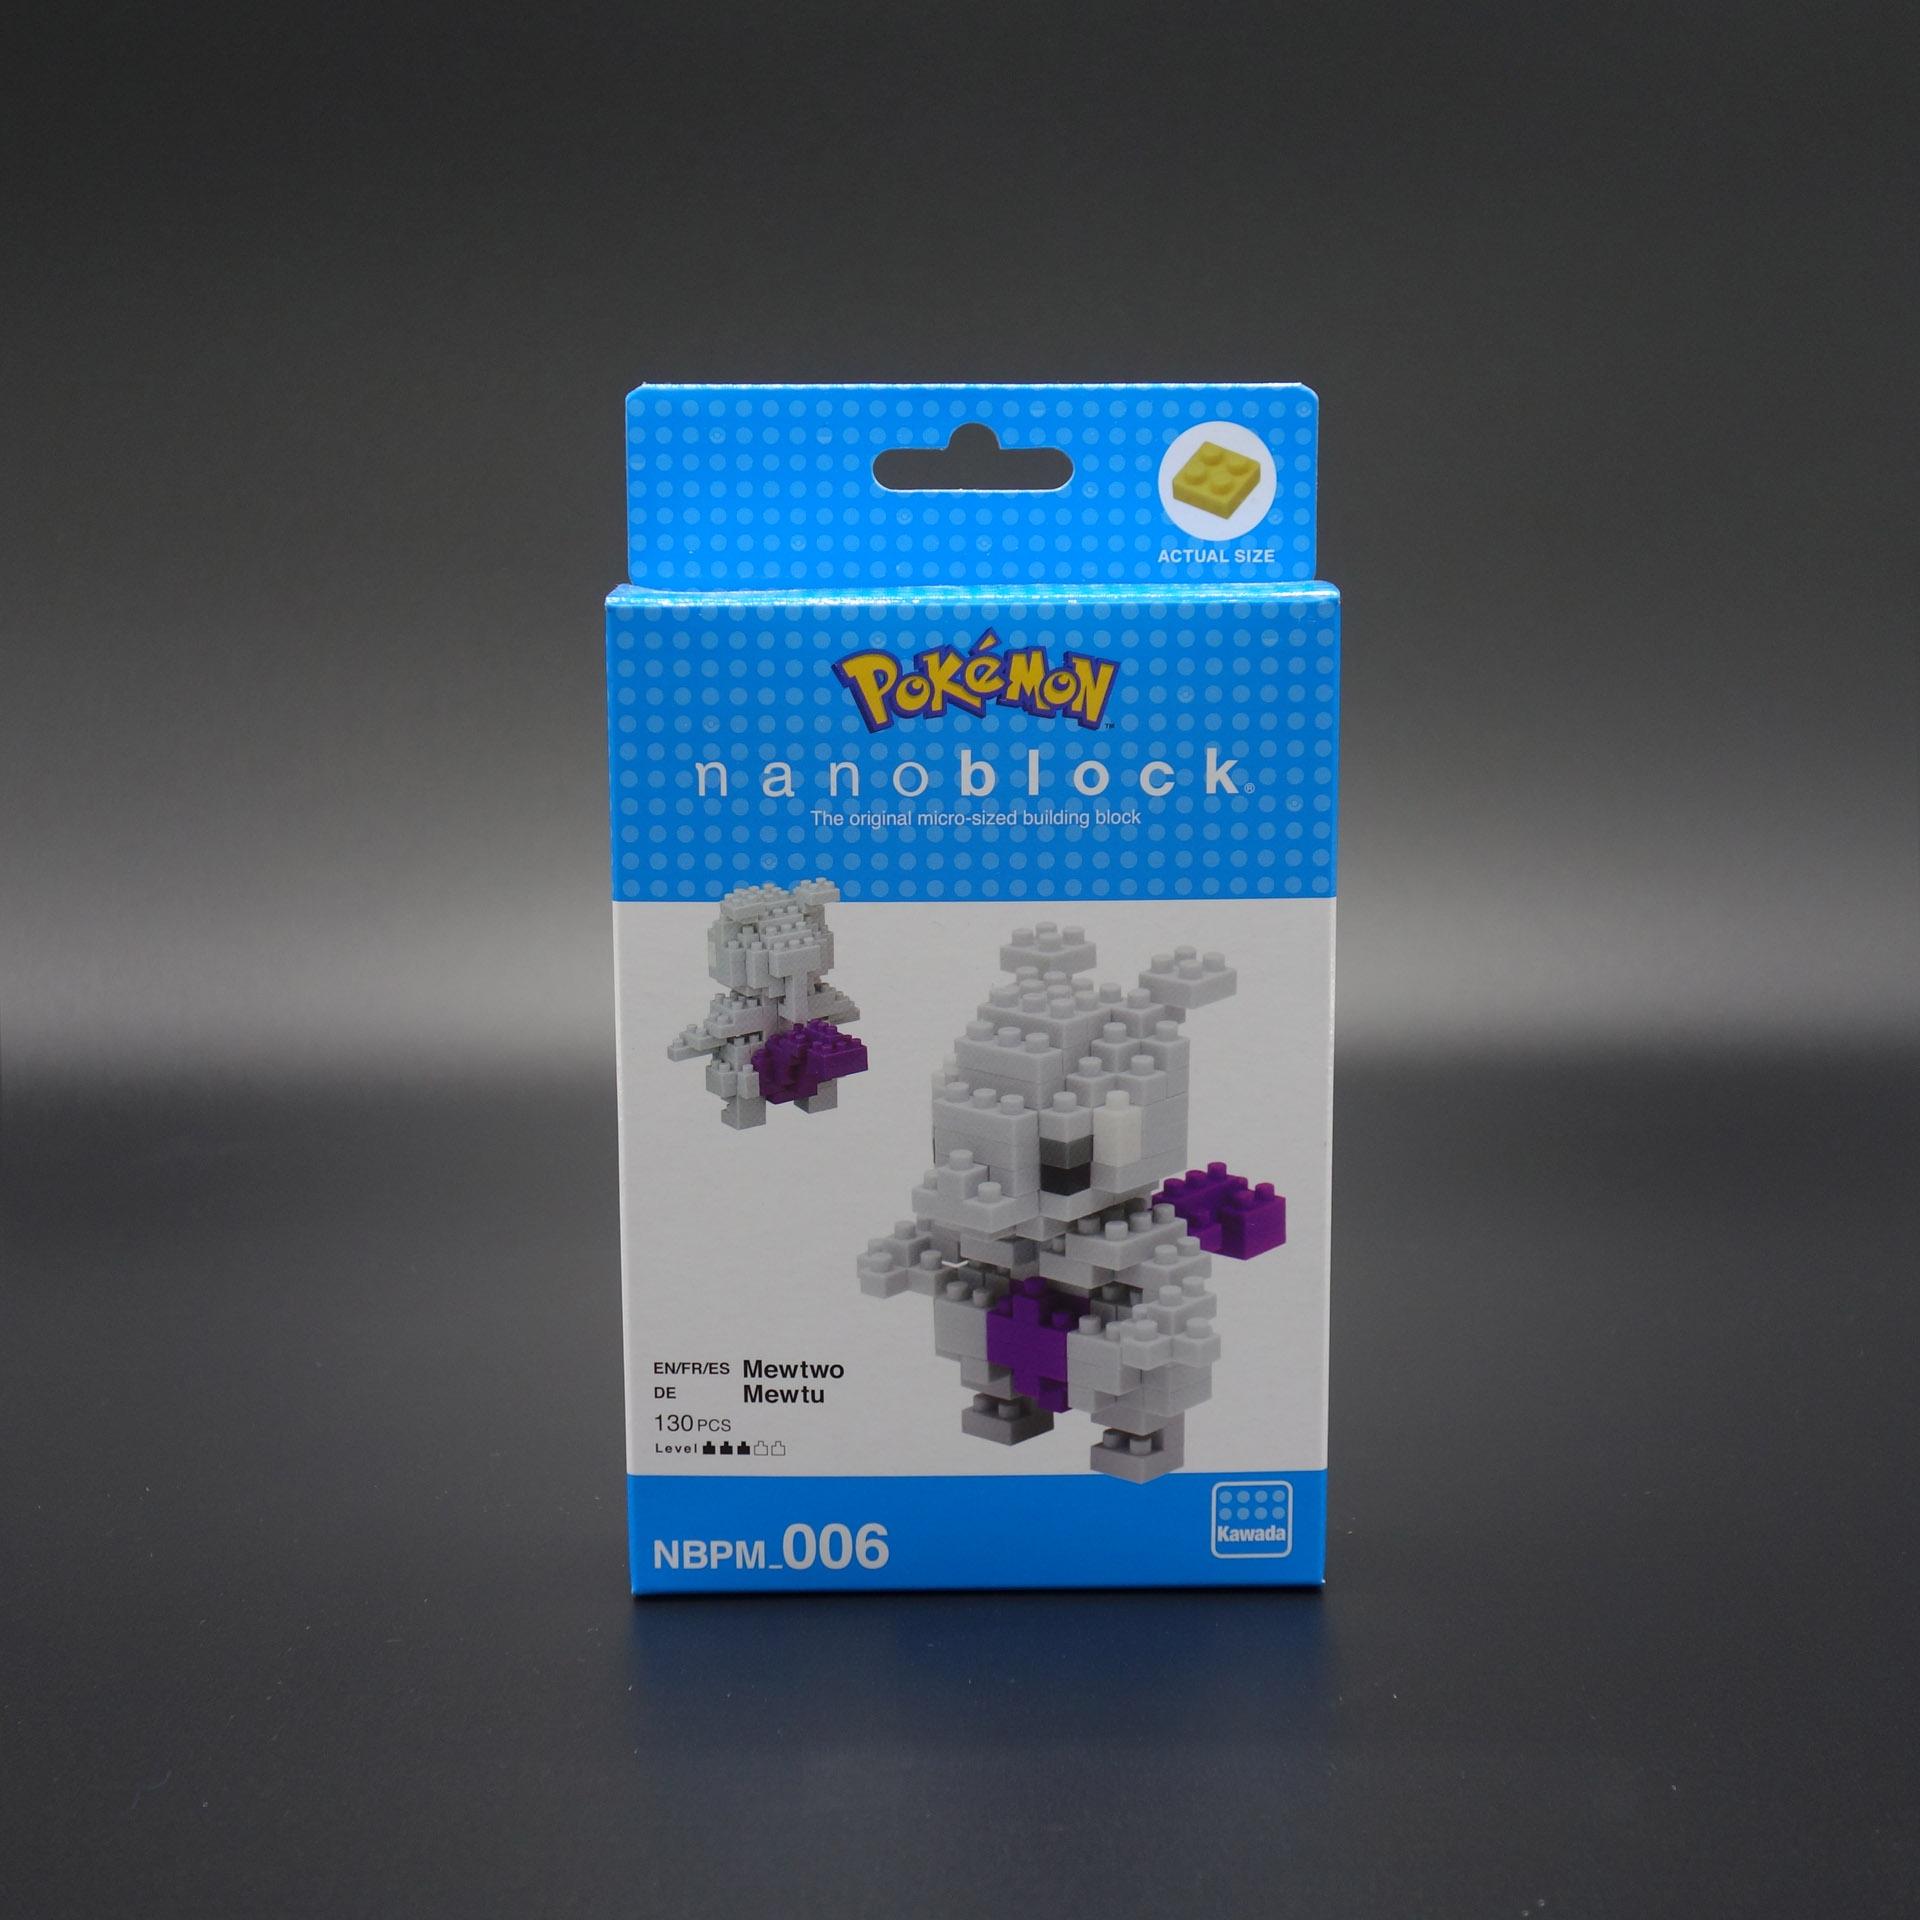 Pokemon nanoblock Mewtu